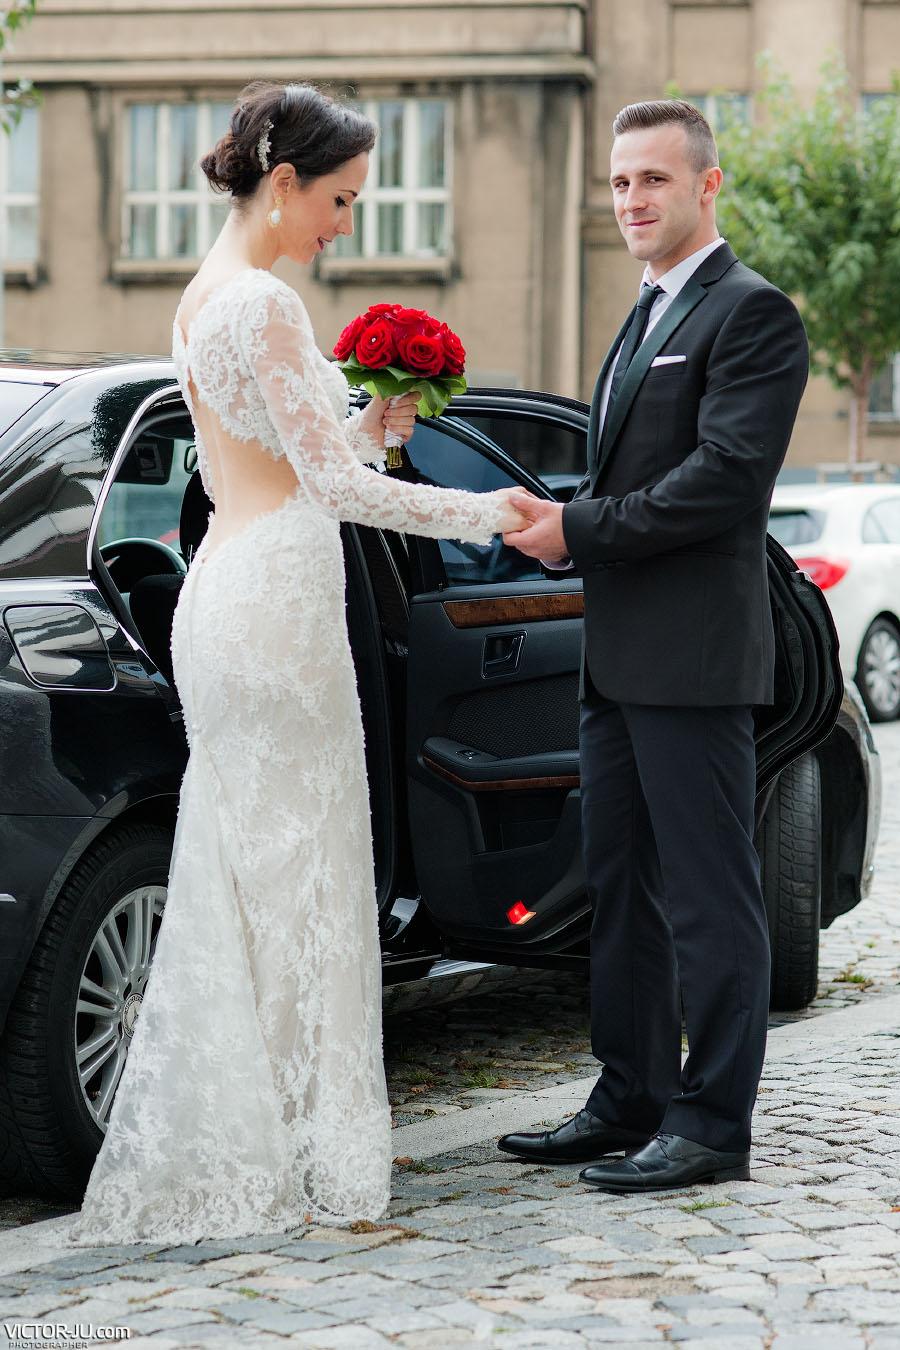 Аренда автомобиля на свадьбу в Праге